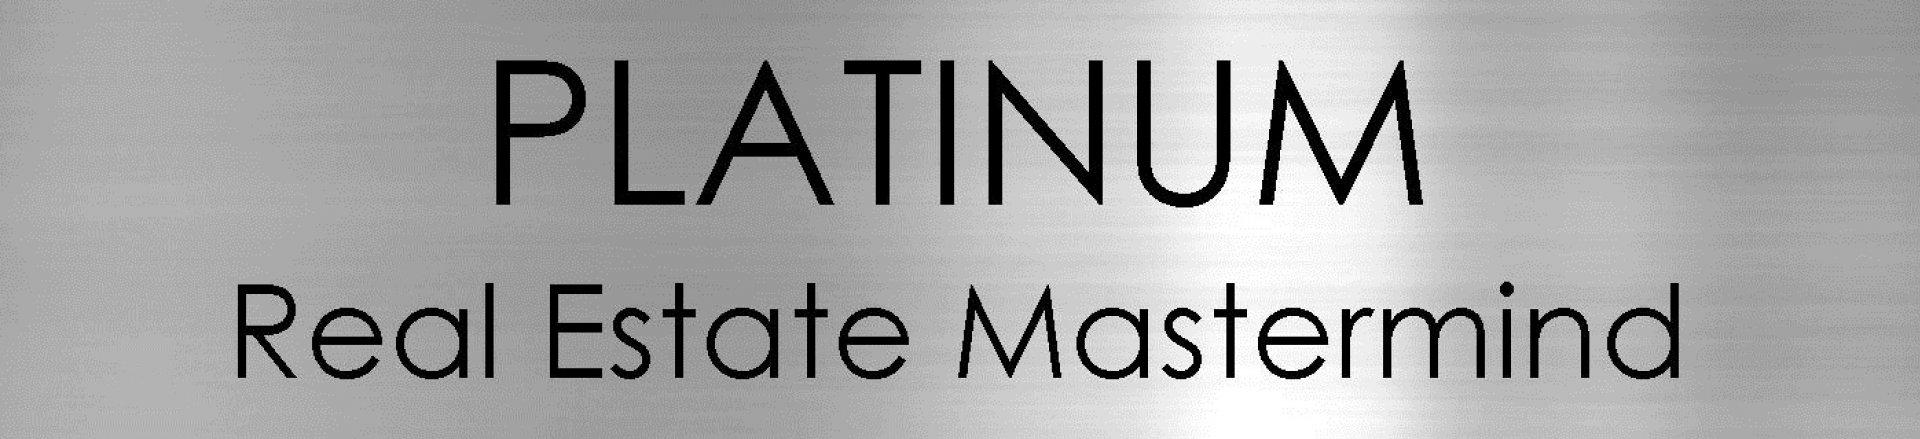 Platinum Real Estate Mastermind logo